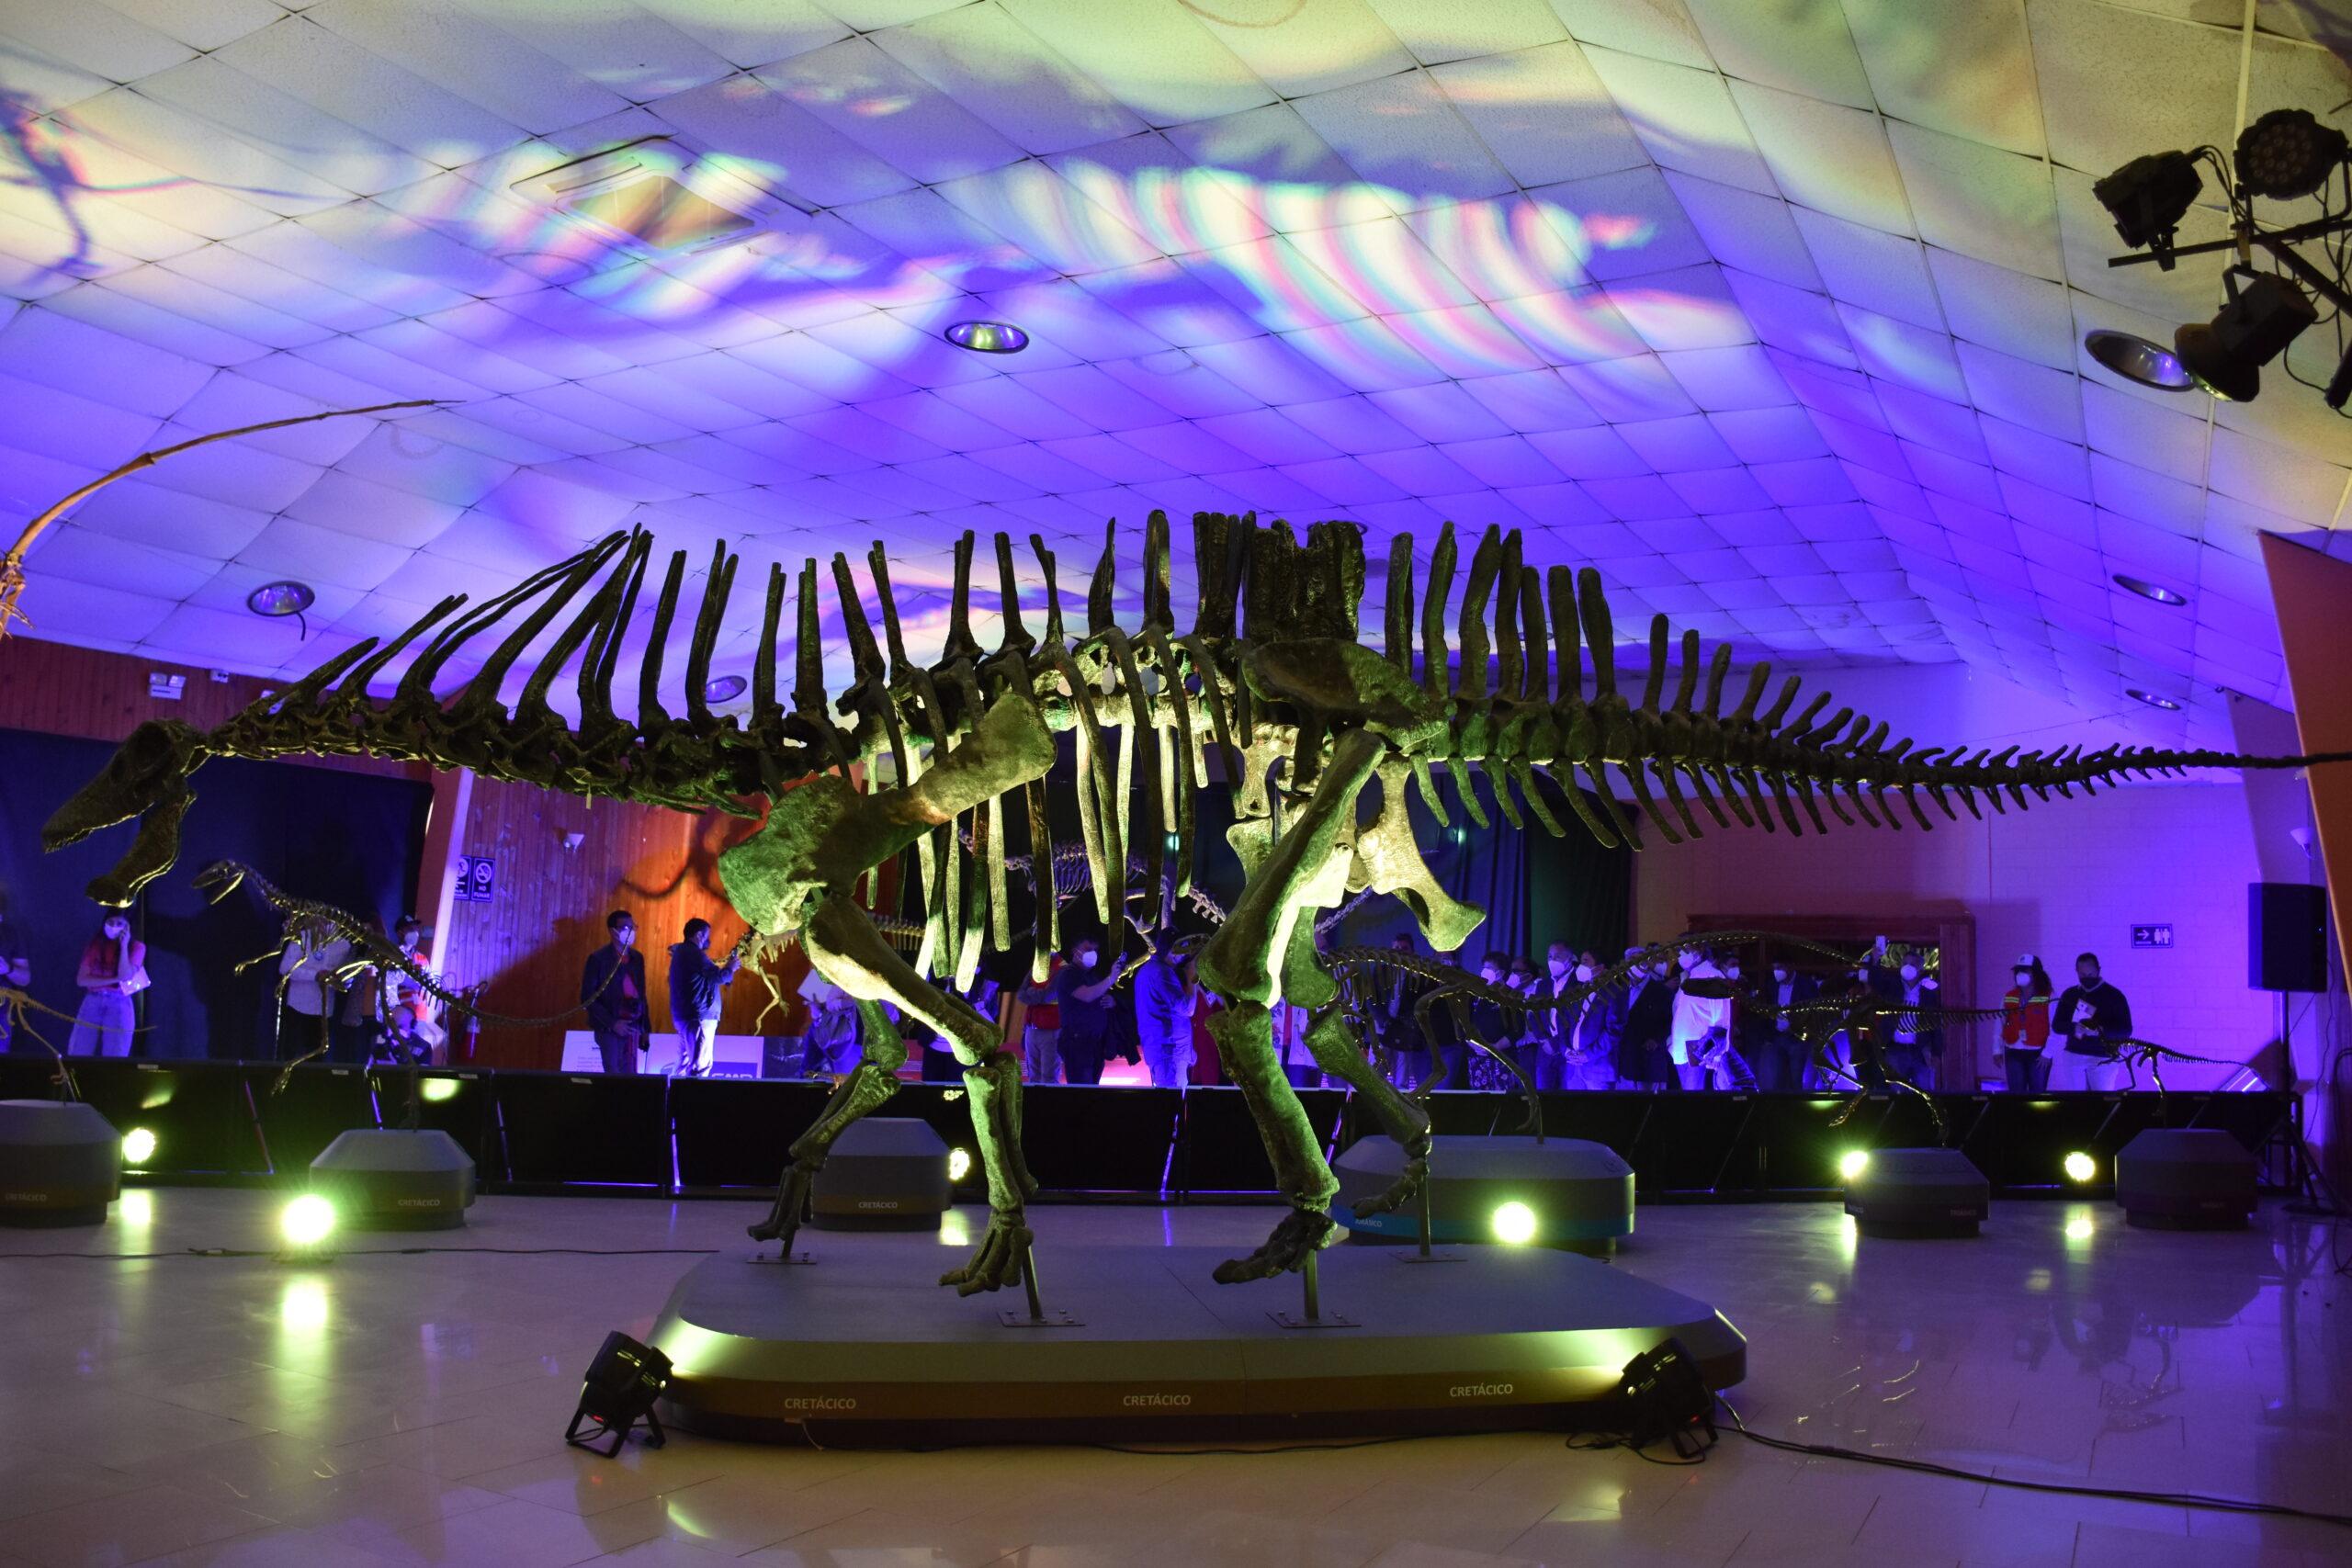 Llega a Vallenar la muestra de dinosaurios más grande y diversa en su clase